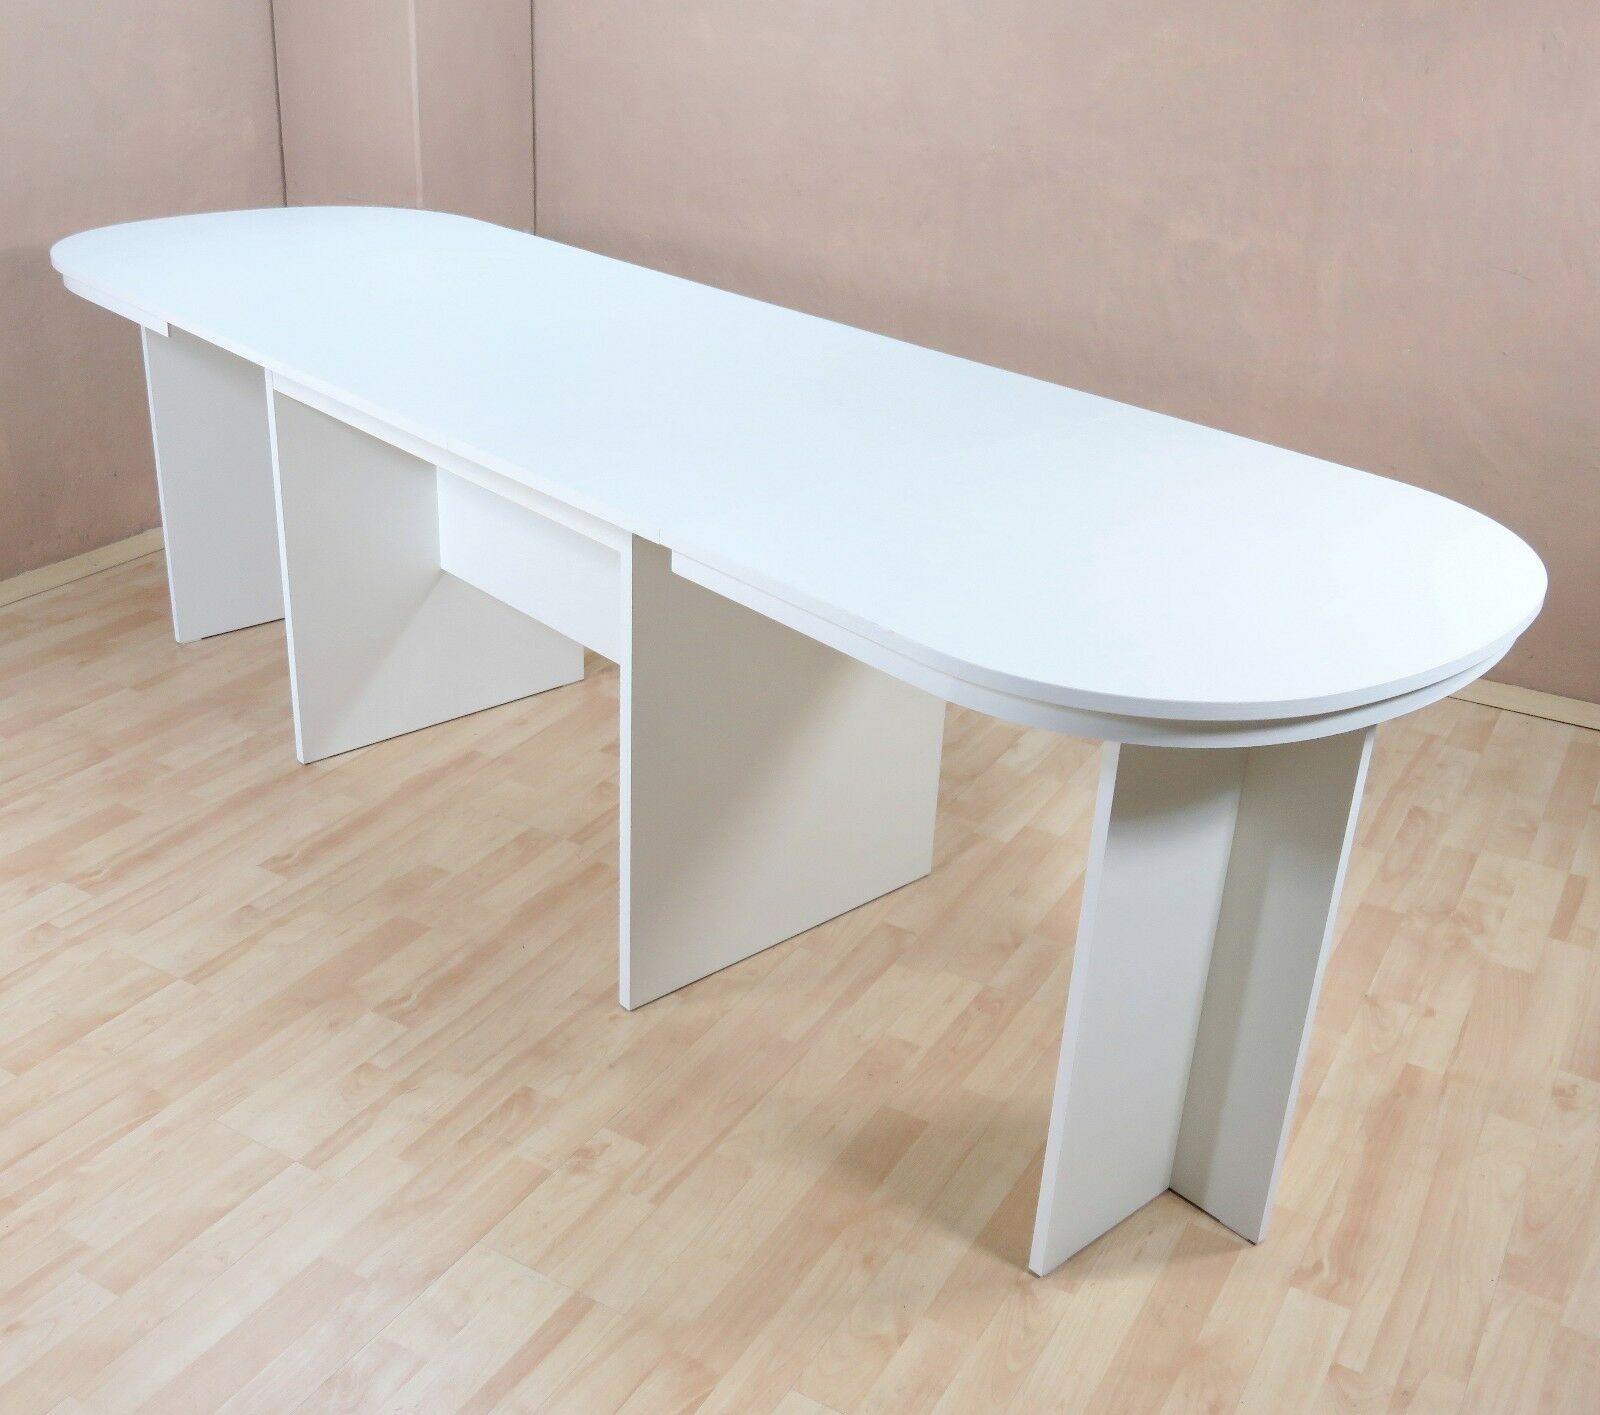 esszimmertisch ausziehbar, kulissentisch oval weiß auszugtisch esstisch esszimmertisch, Esszimmer